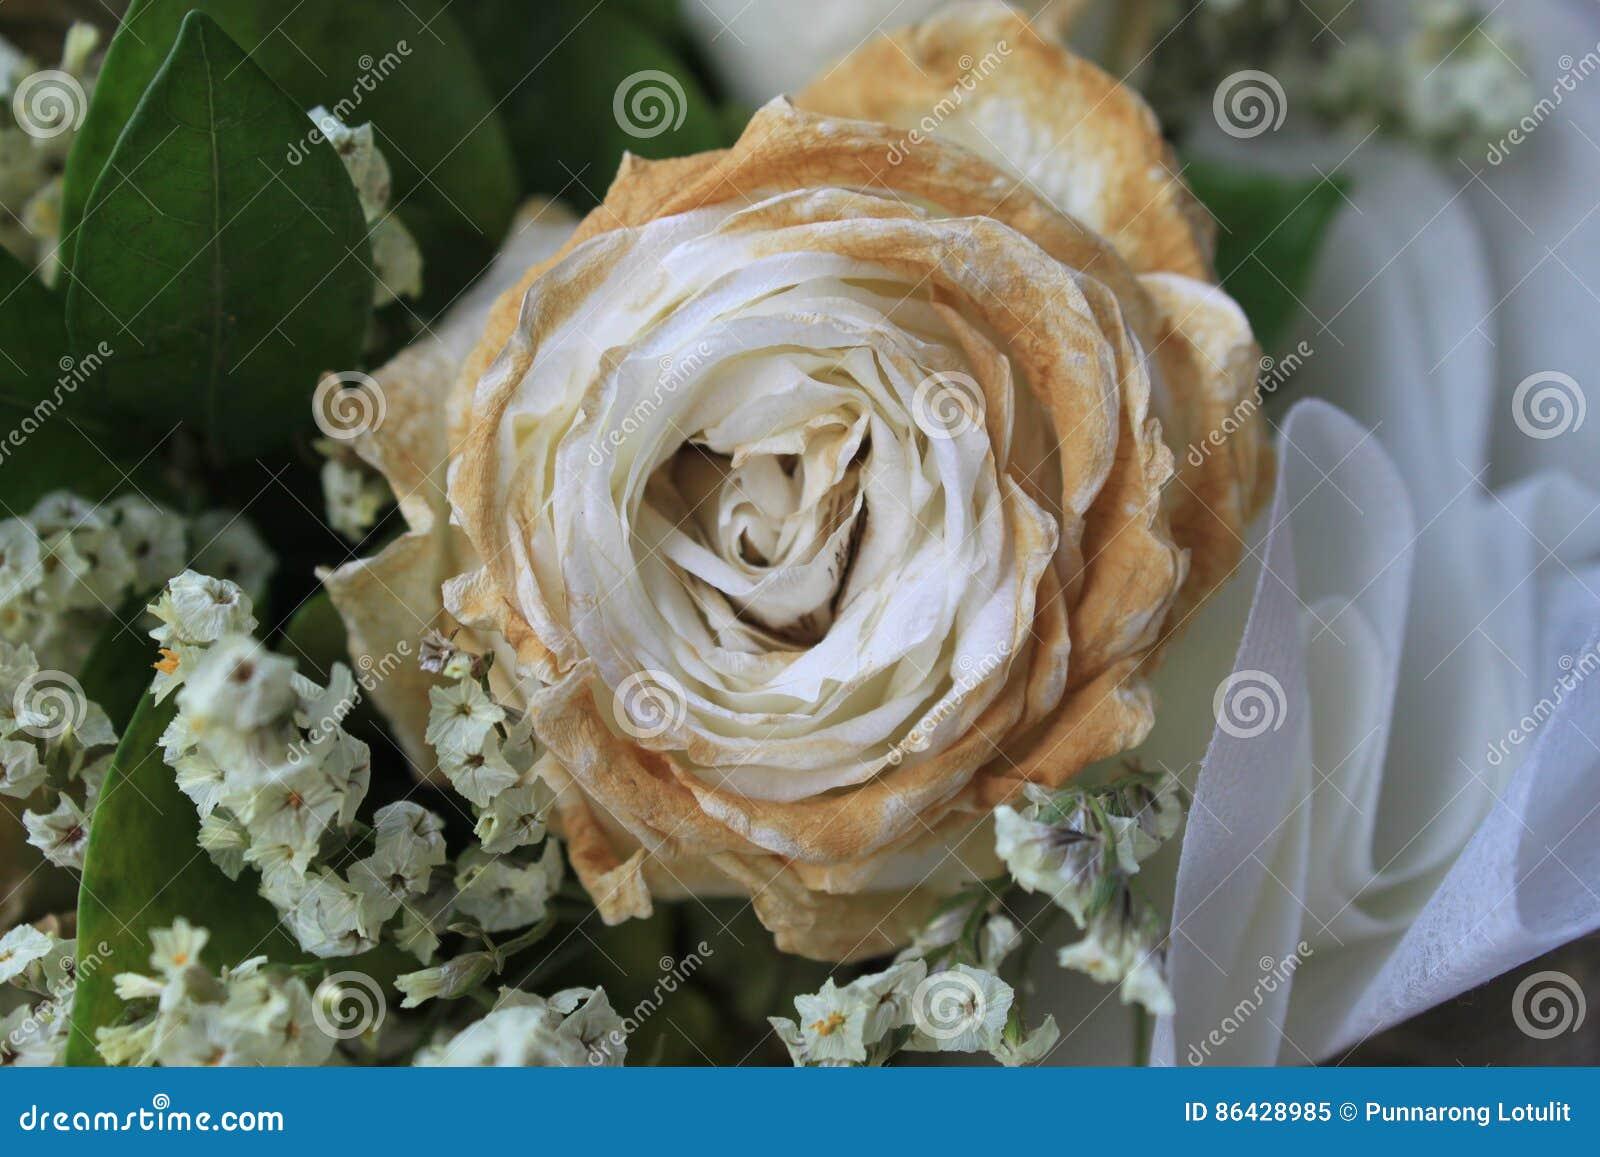 Sec Blanc S Est Leve Apres Le Saint Valentin Fane S Est Leve Amour